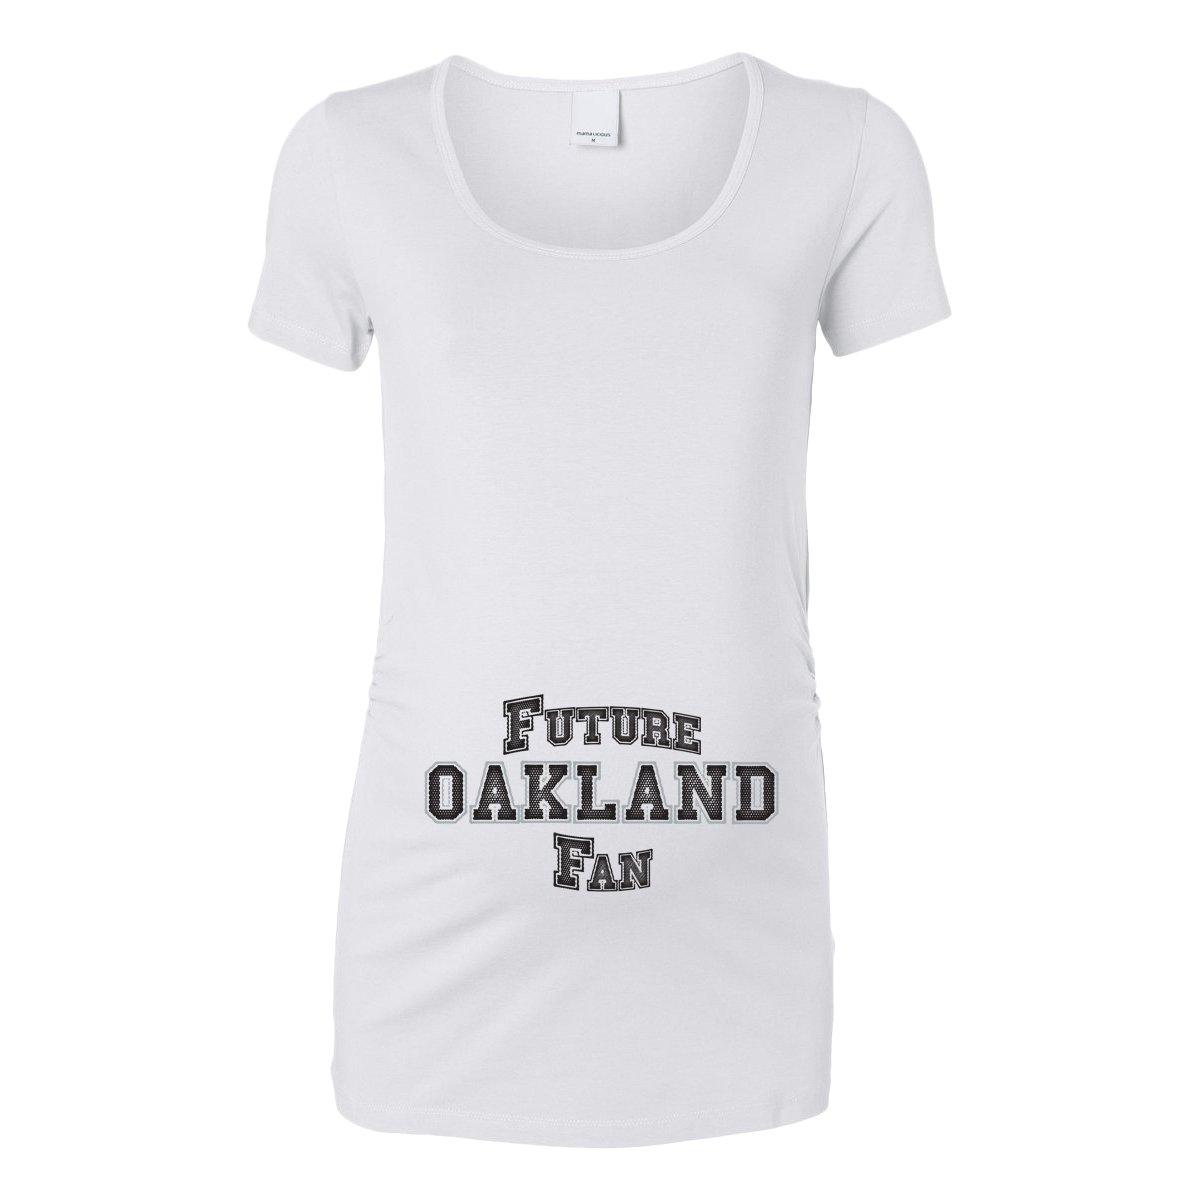 Future Oakland Fan Women's Maternity T-Shirt 102047